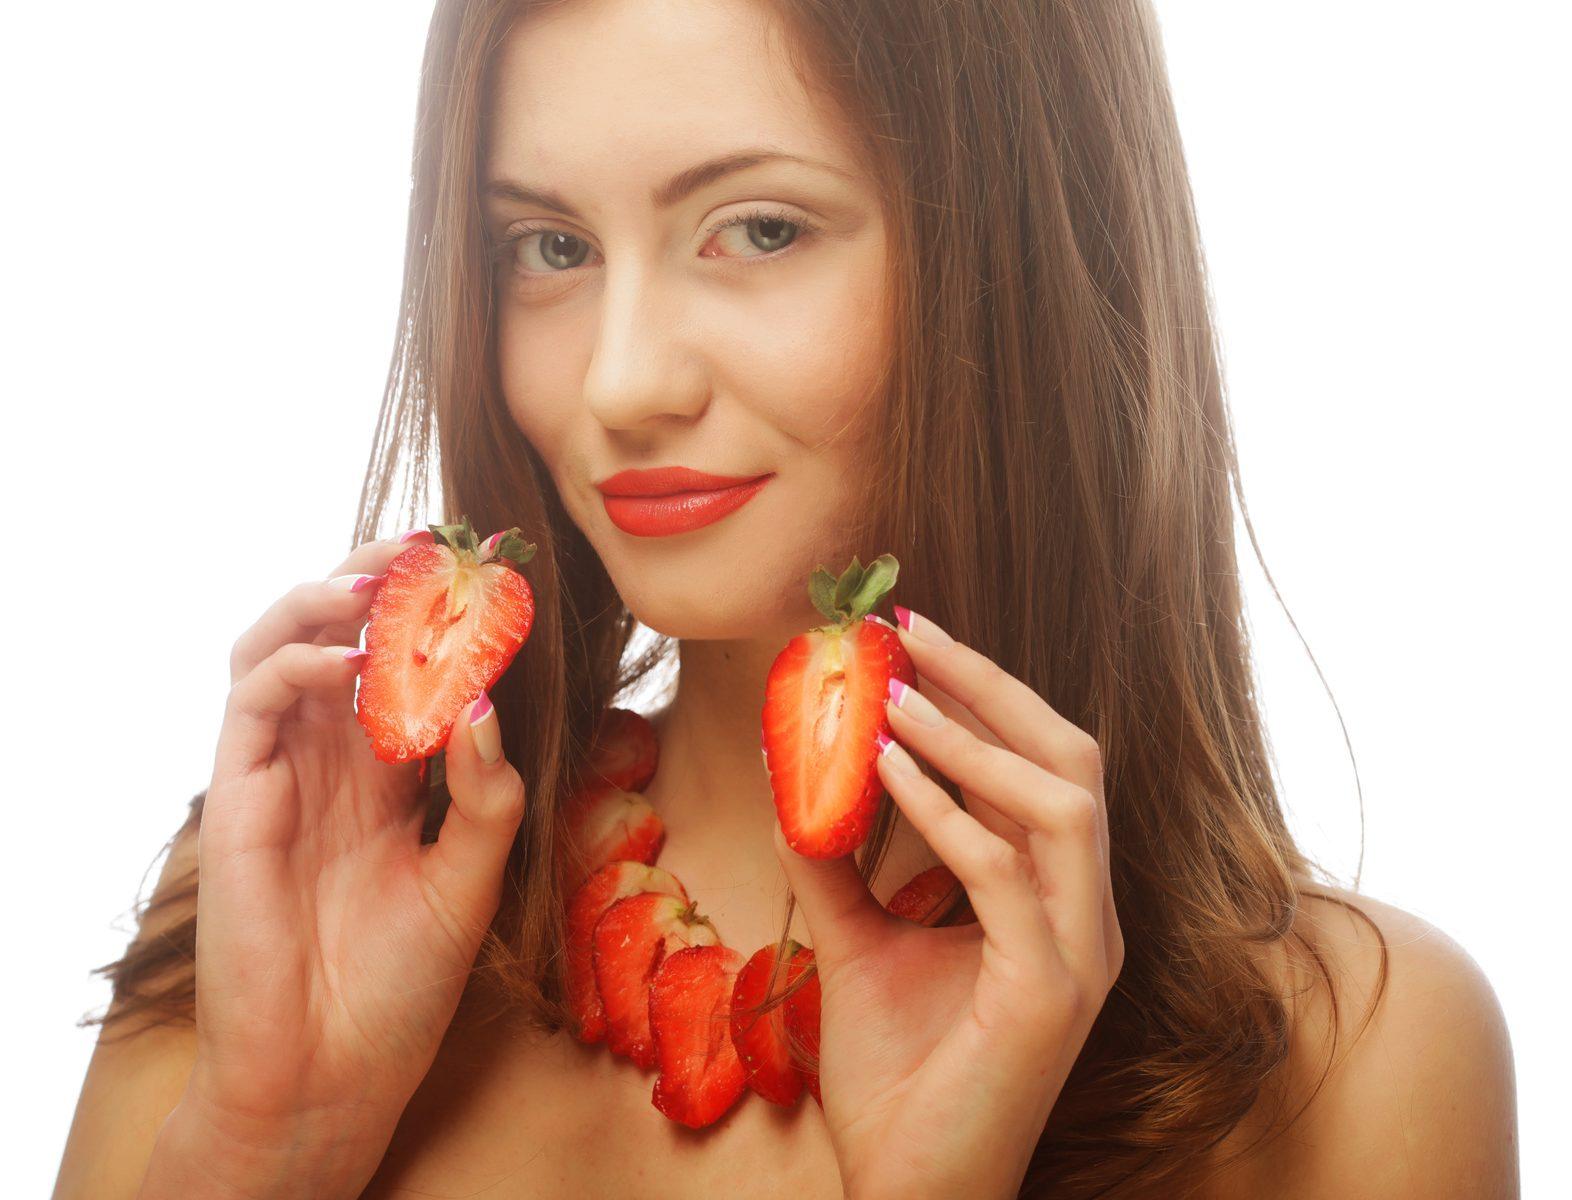 食べてクリアな美肌を作る!春の4大成分とレシピって?